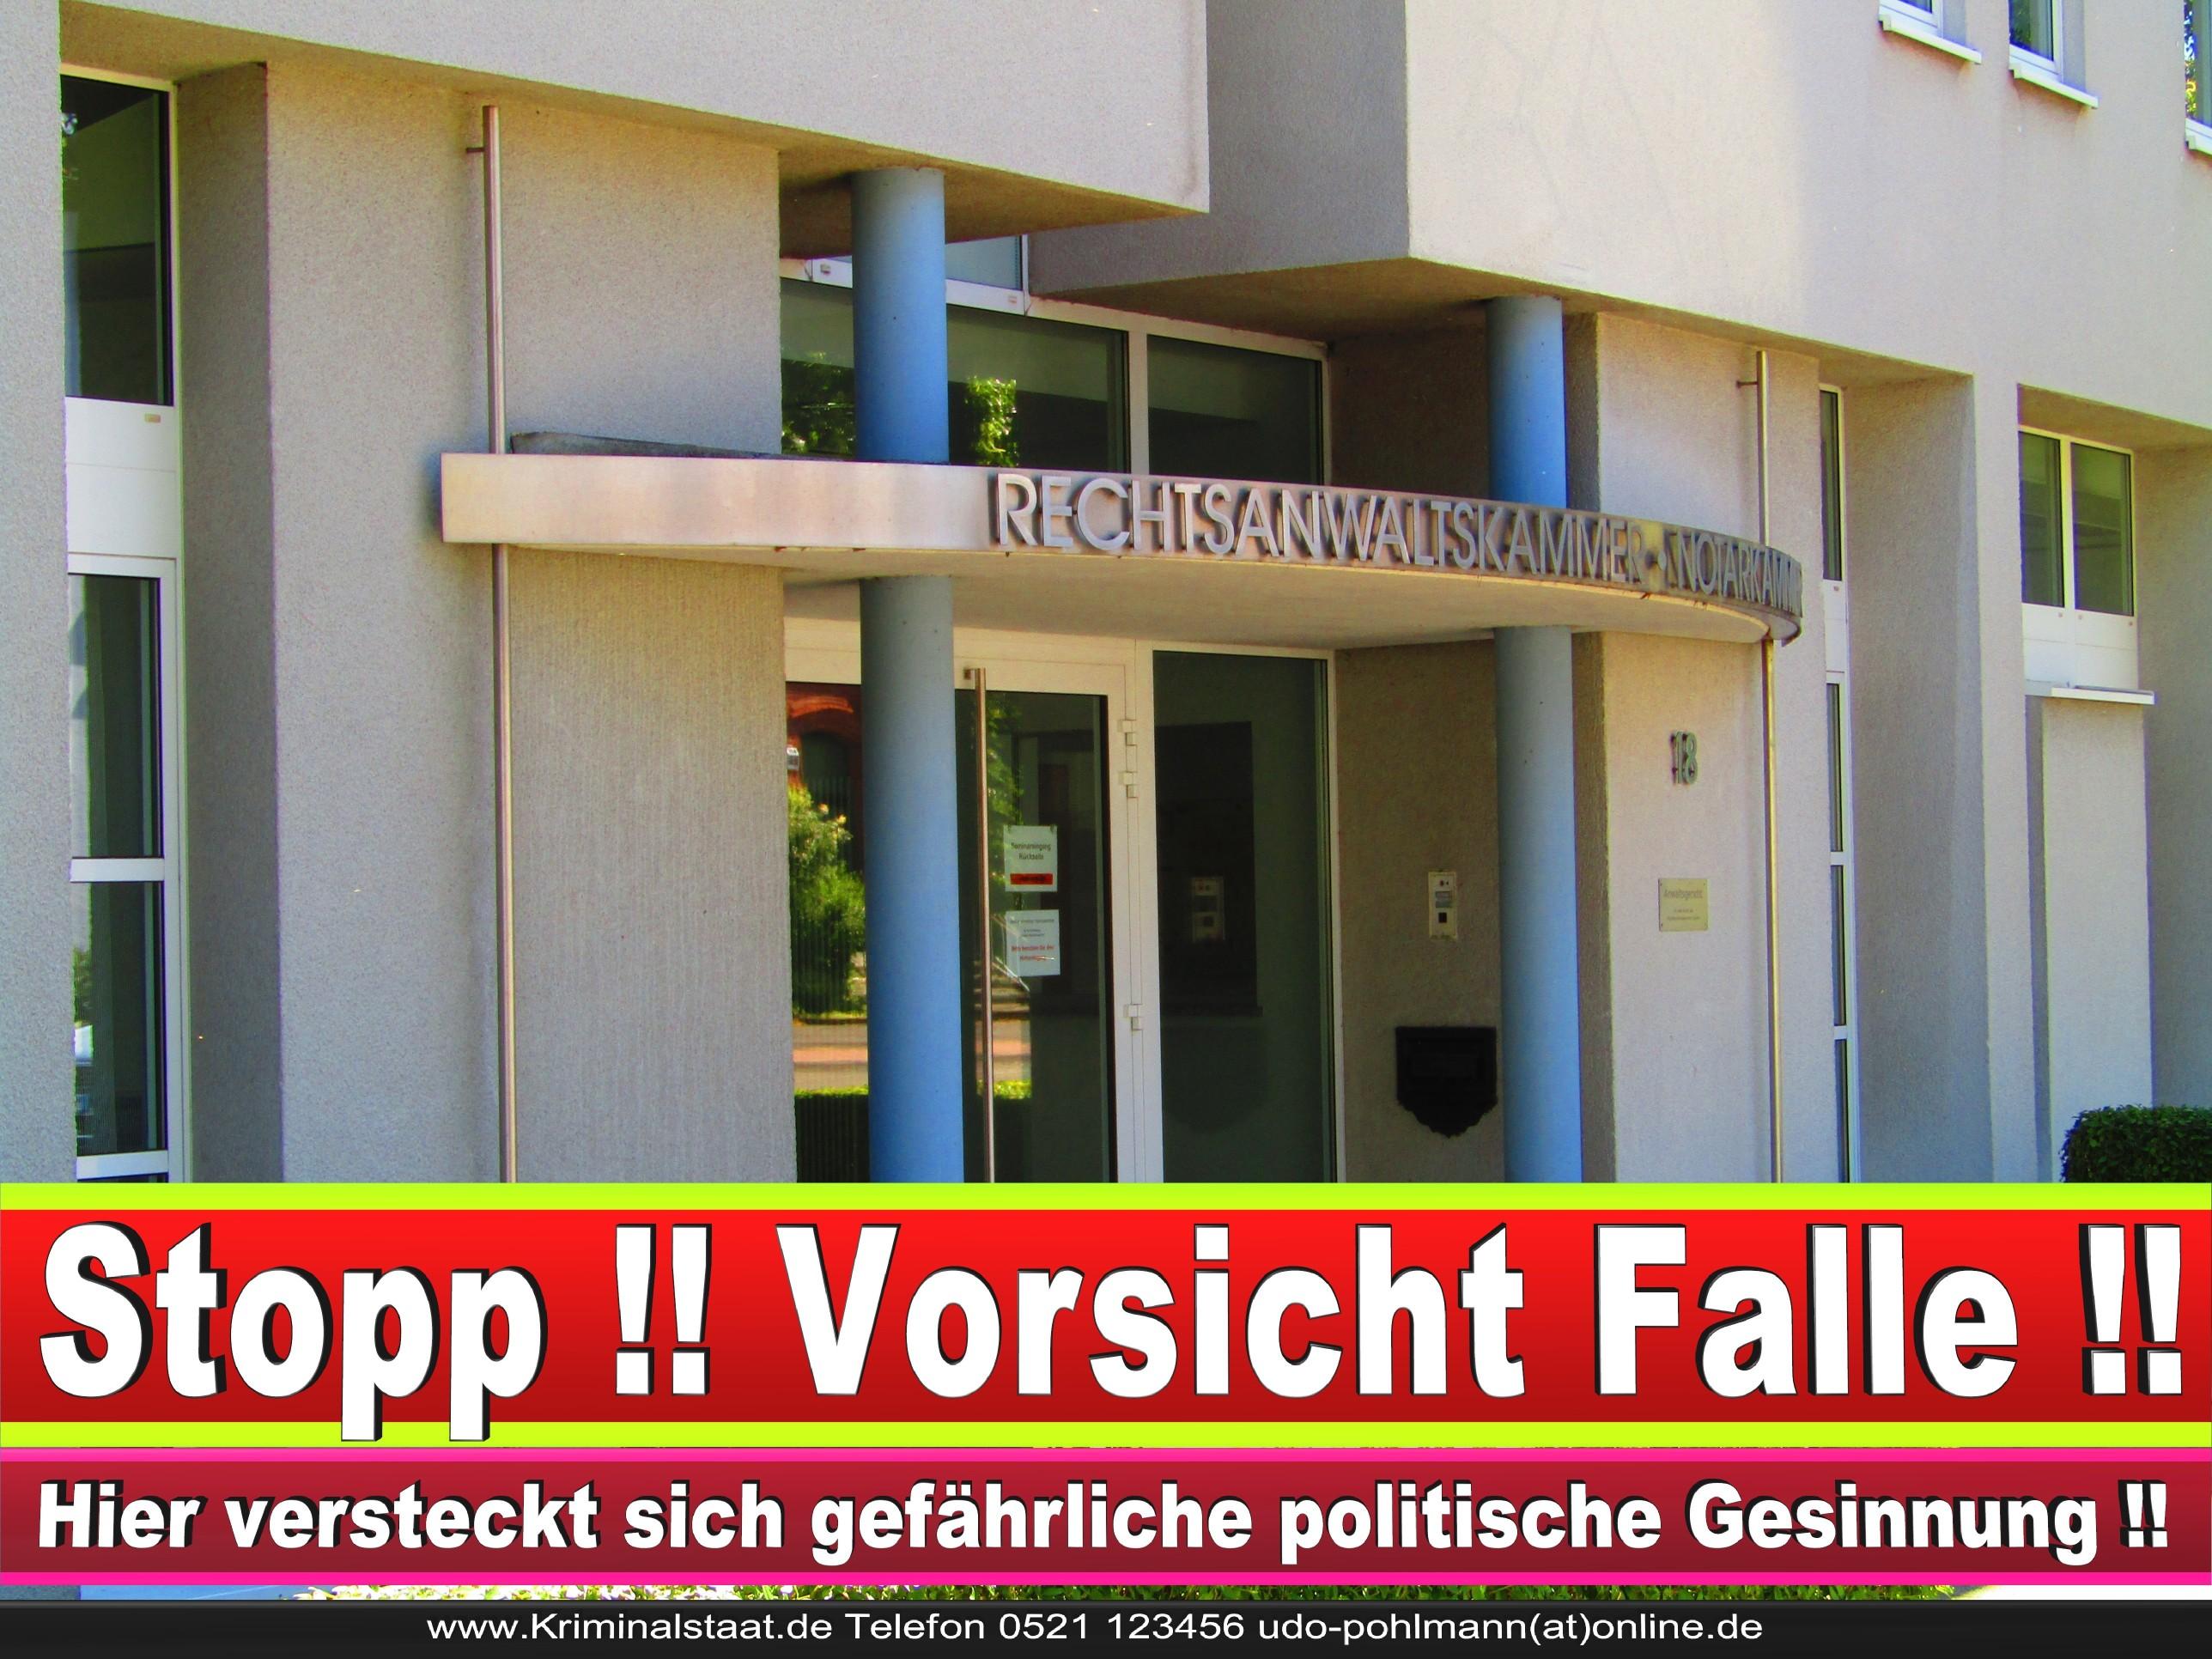 Rechtsanwaltskammer Hamm NRW Justizminister Rechtsanwalt Notar Vermögensverfall Urteil Rechtsprechung CDU SPD FDP Berufsordnung Rechtsanwälte Rechtsprechung (14) 1